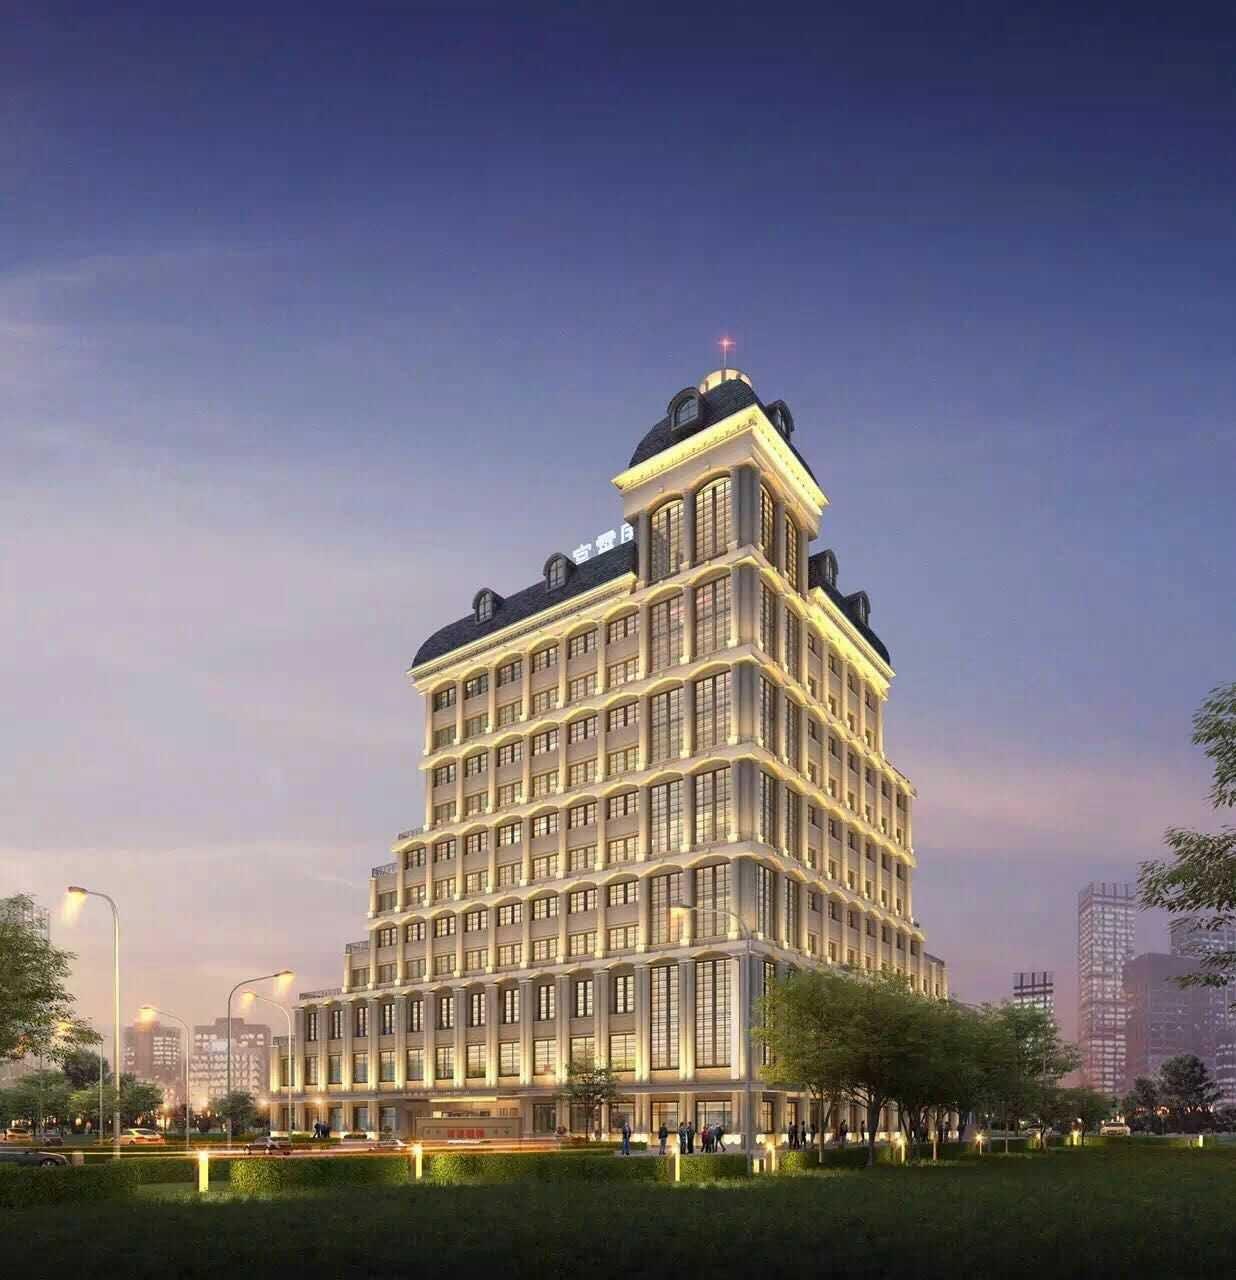 【多图】北京东方宫宵大厦租房,351000万,cbd核心区东